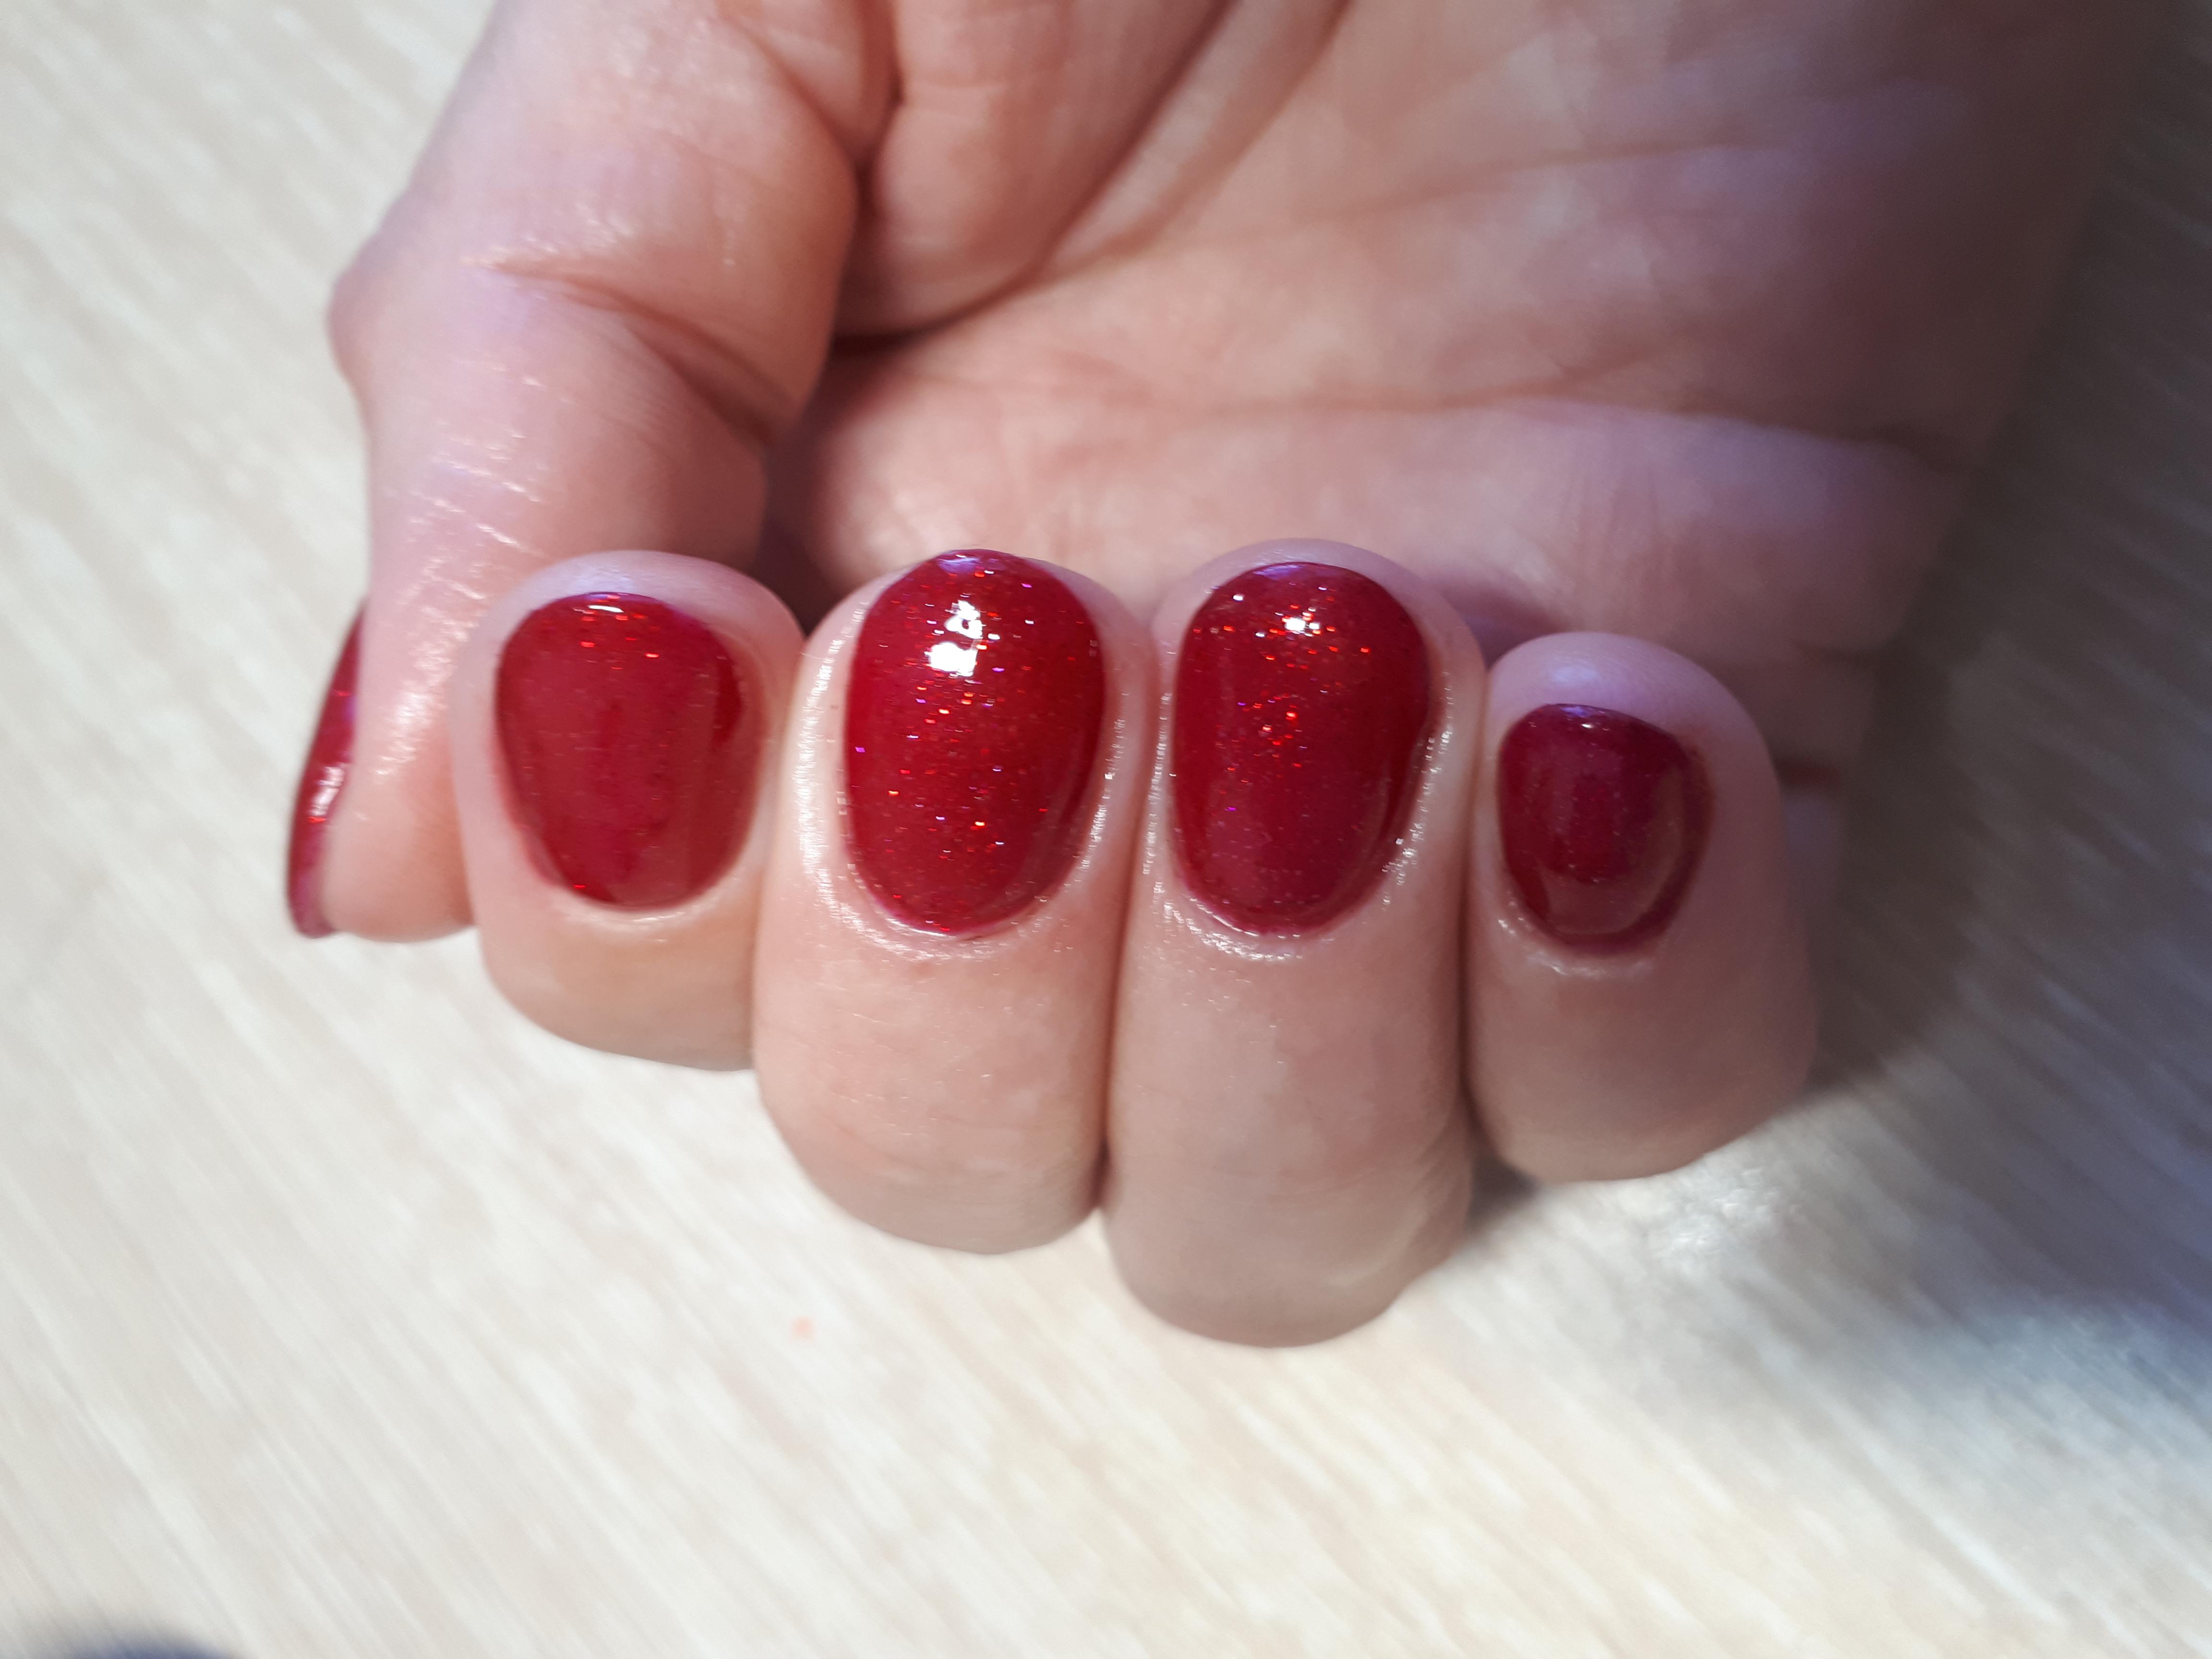 Маникюр с блестками в бордовом цвете на короткие ногти. Маникюр сомой себе